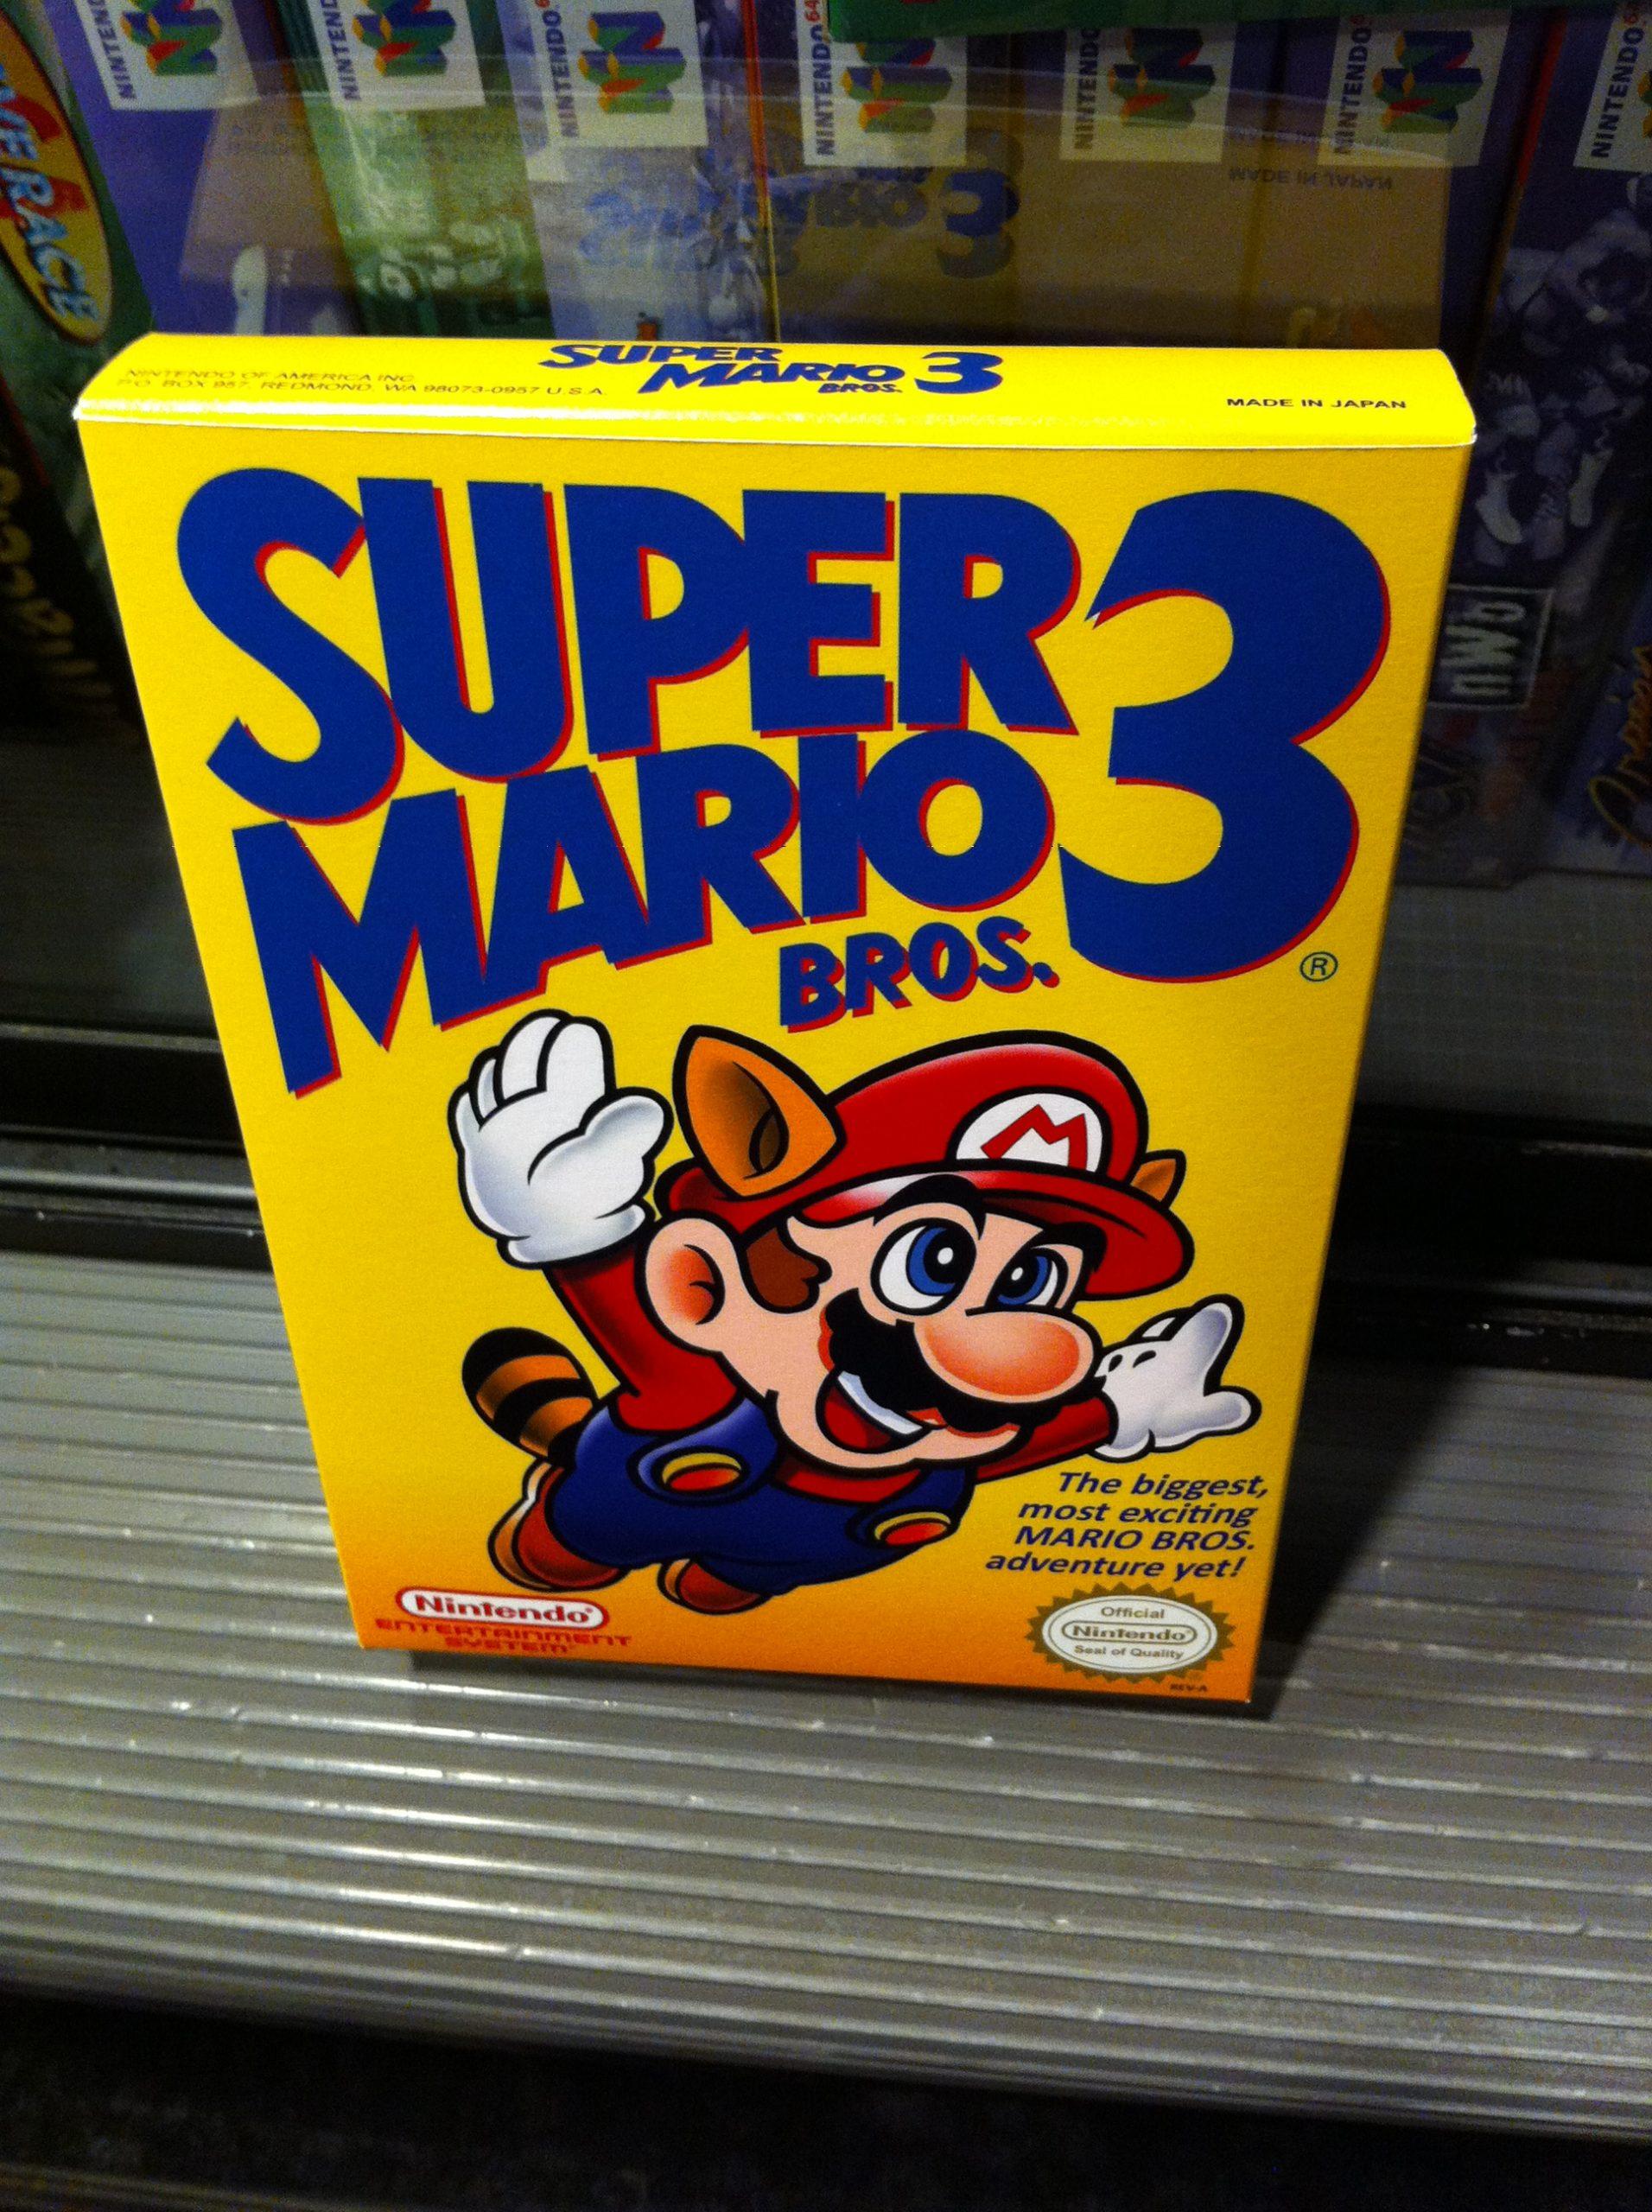 super mario bros 3 nes box